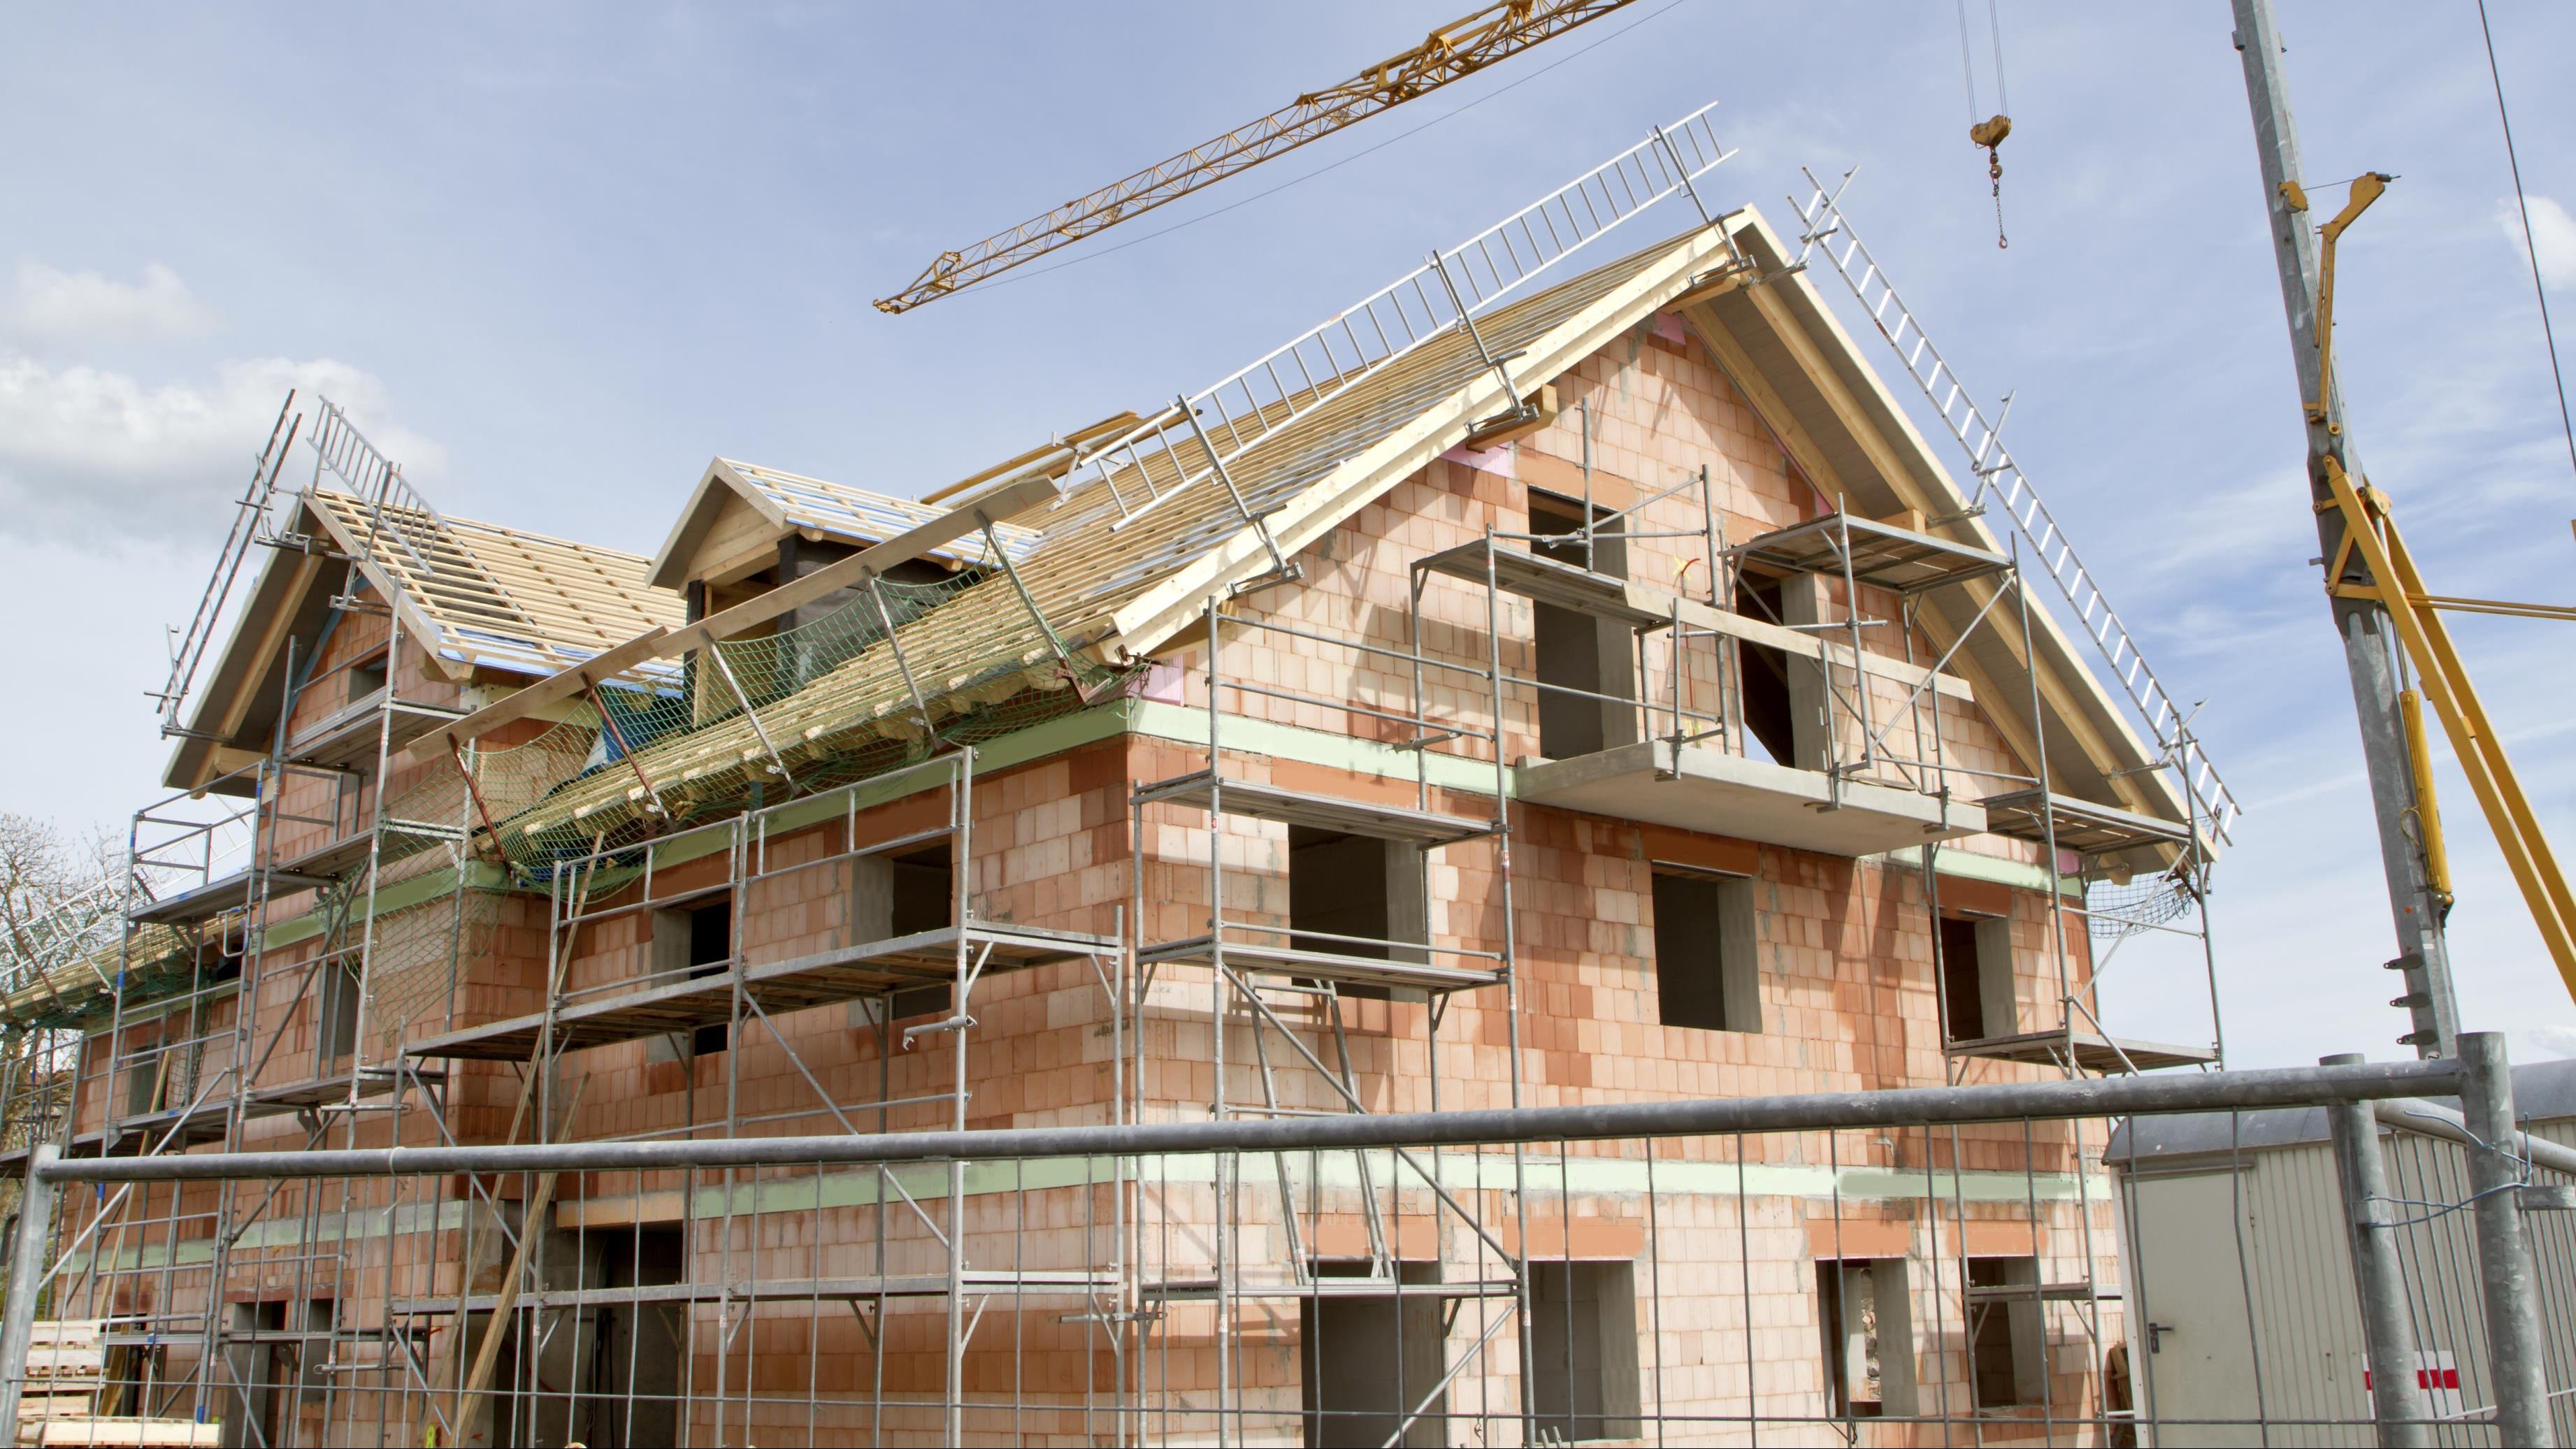 Losser onderzoekt woonwens van jongeren in gemeente for Nuove planimetrie per la costruzione di case